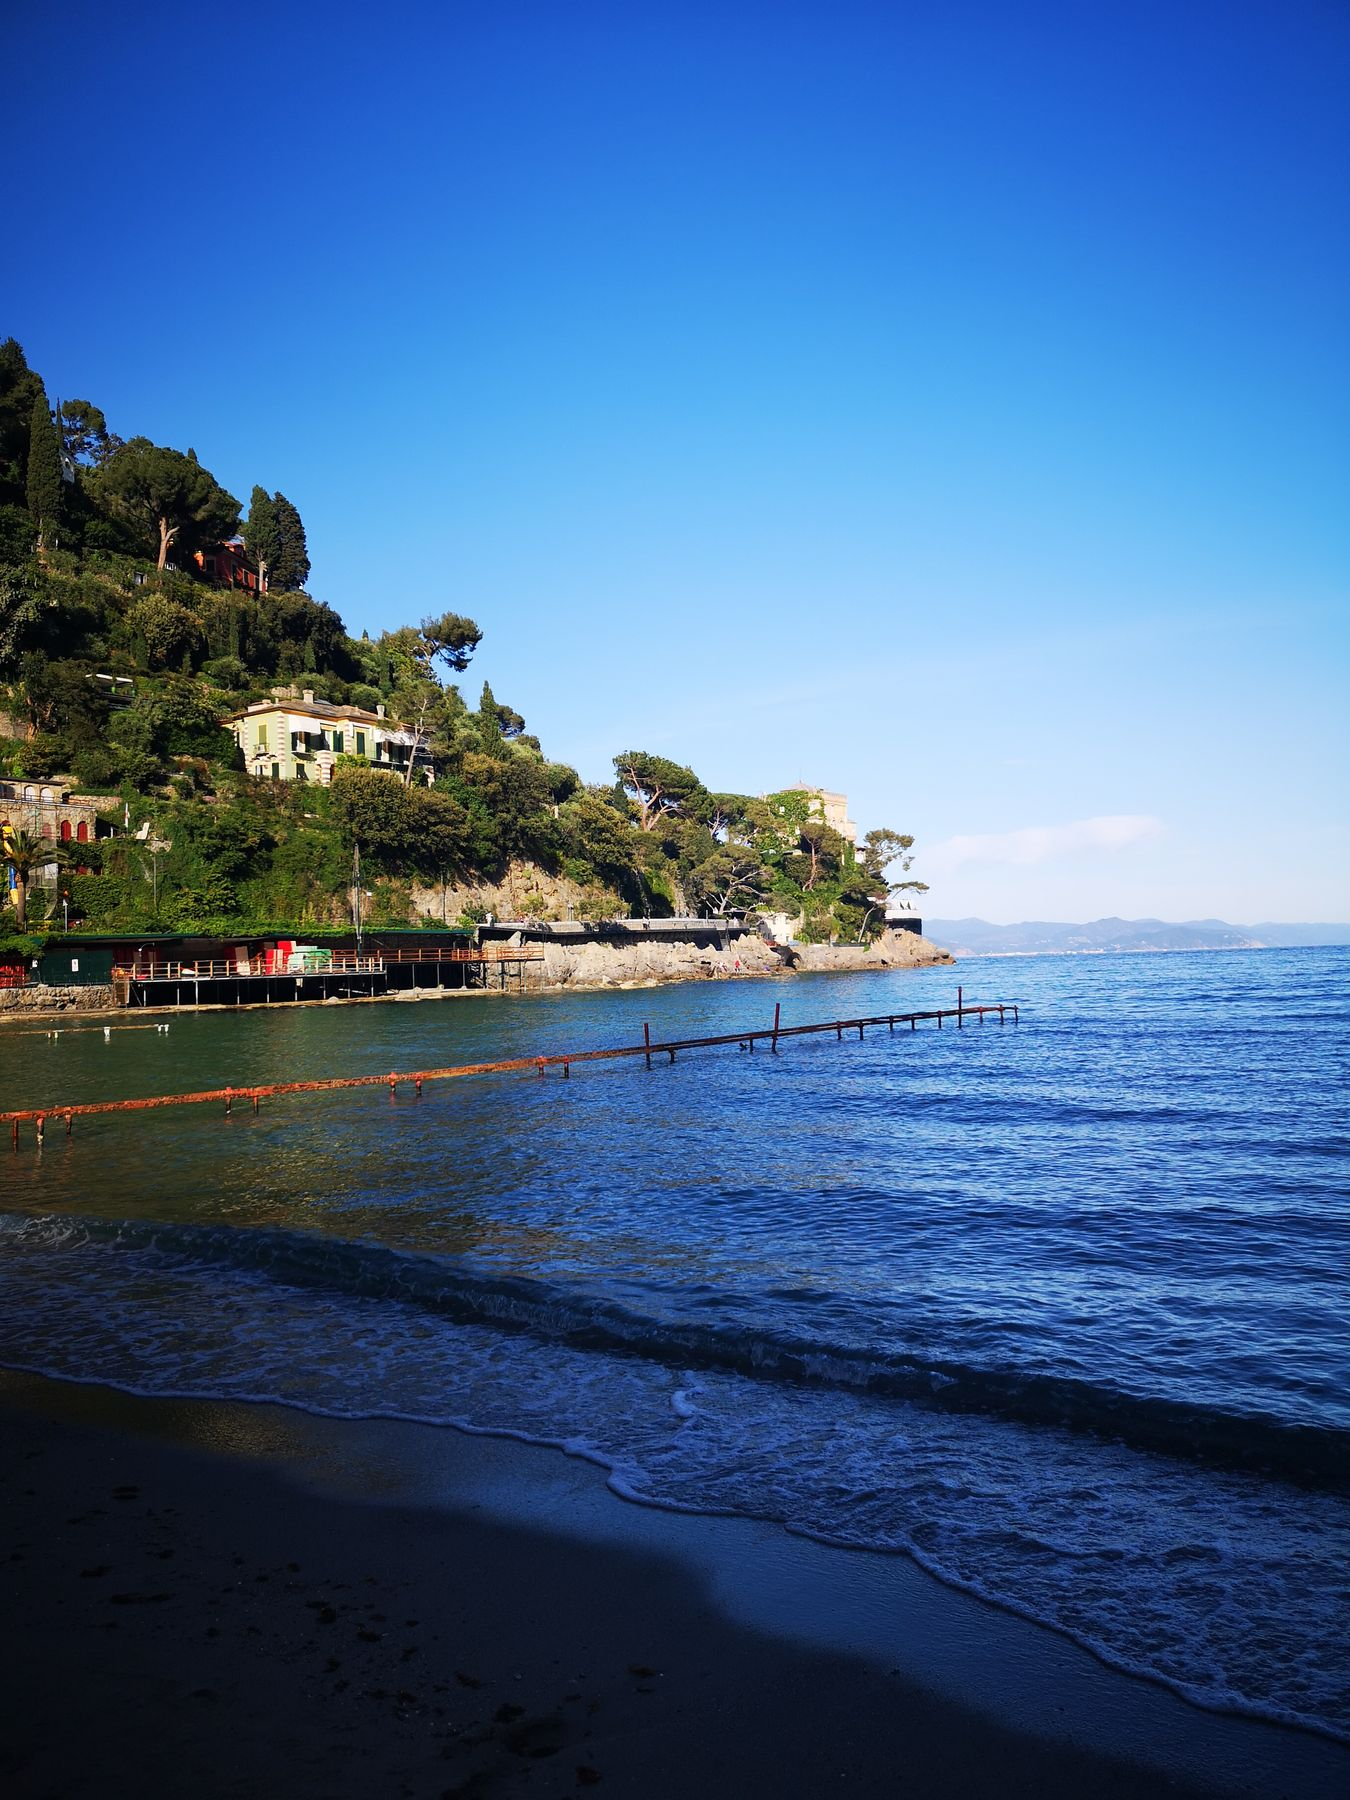 Spiagge della Liguria - Baia di Paraggi